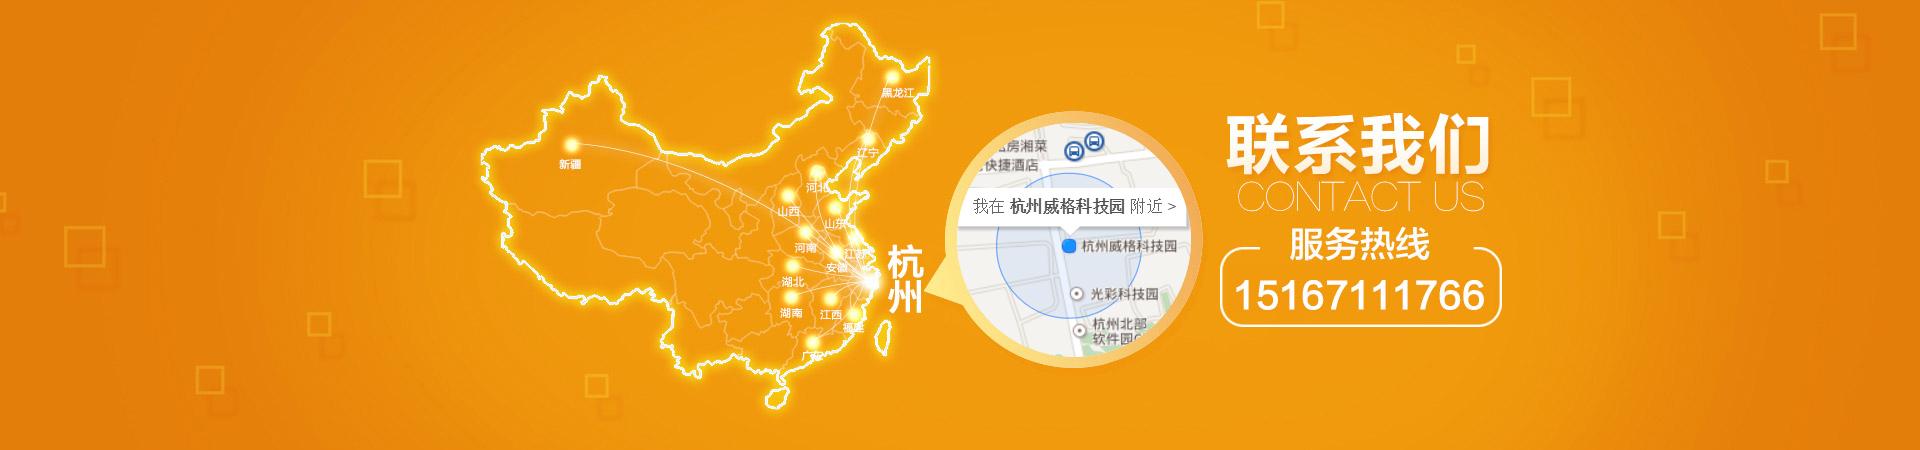 """淘钰官网""""联系我们""""频道Banner"""